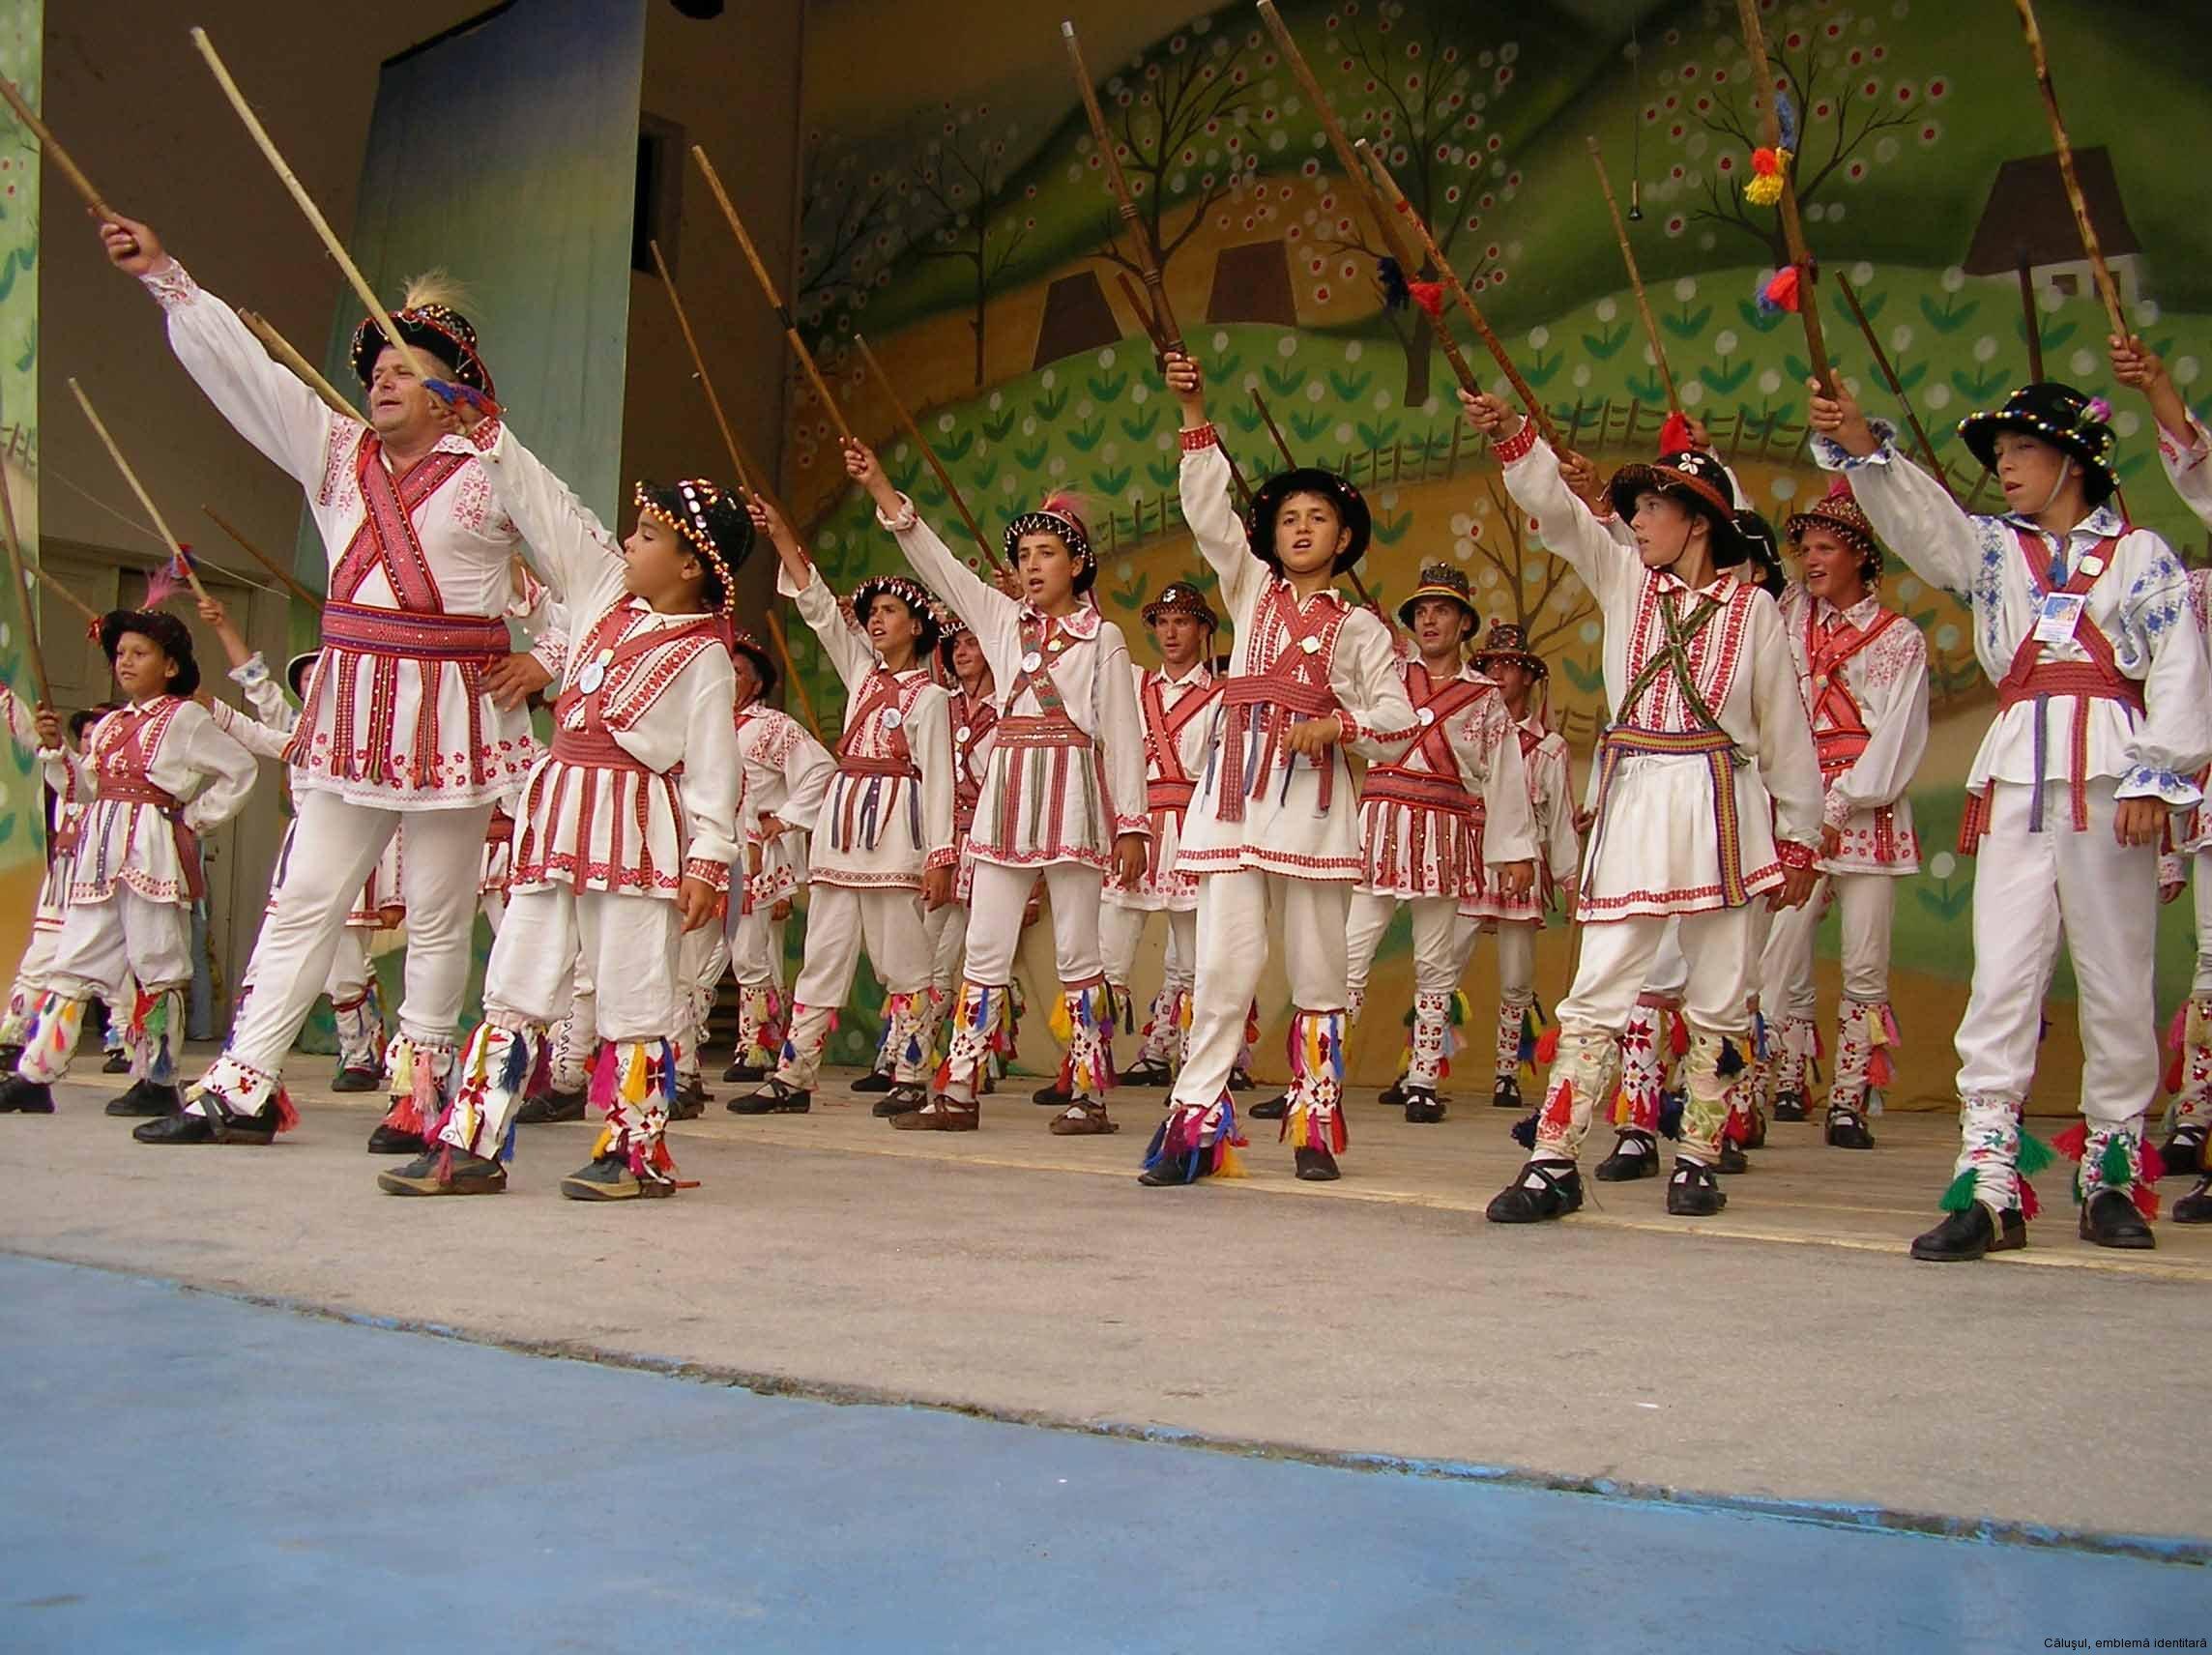 25-calus-calus-Ansamblul-Colelia-din-Valcele-Caracal-2006